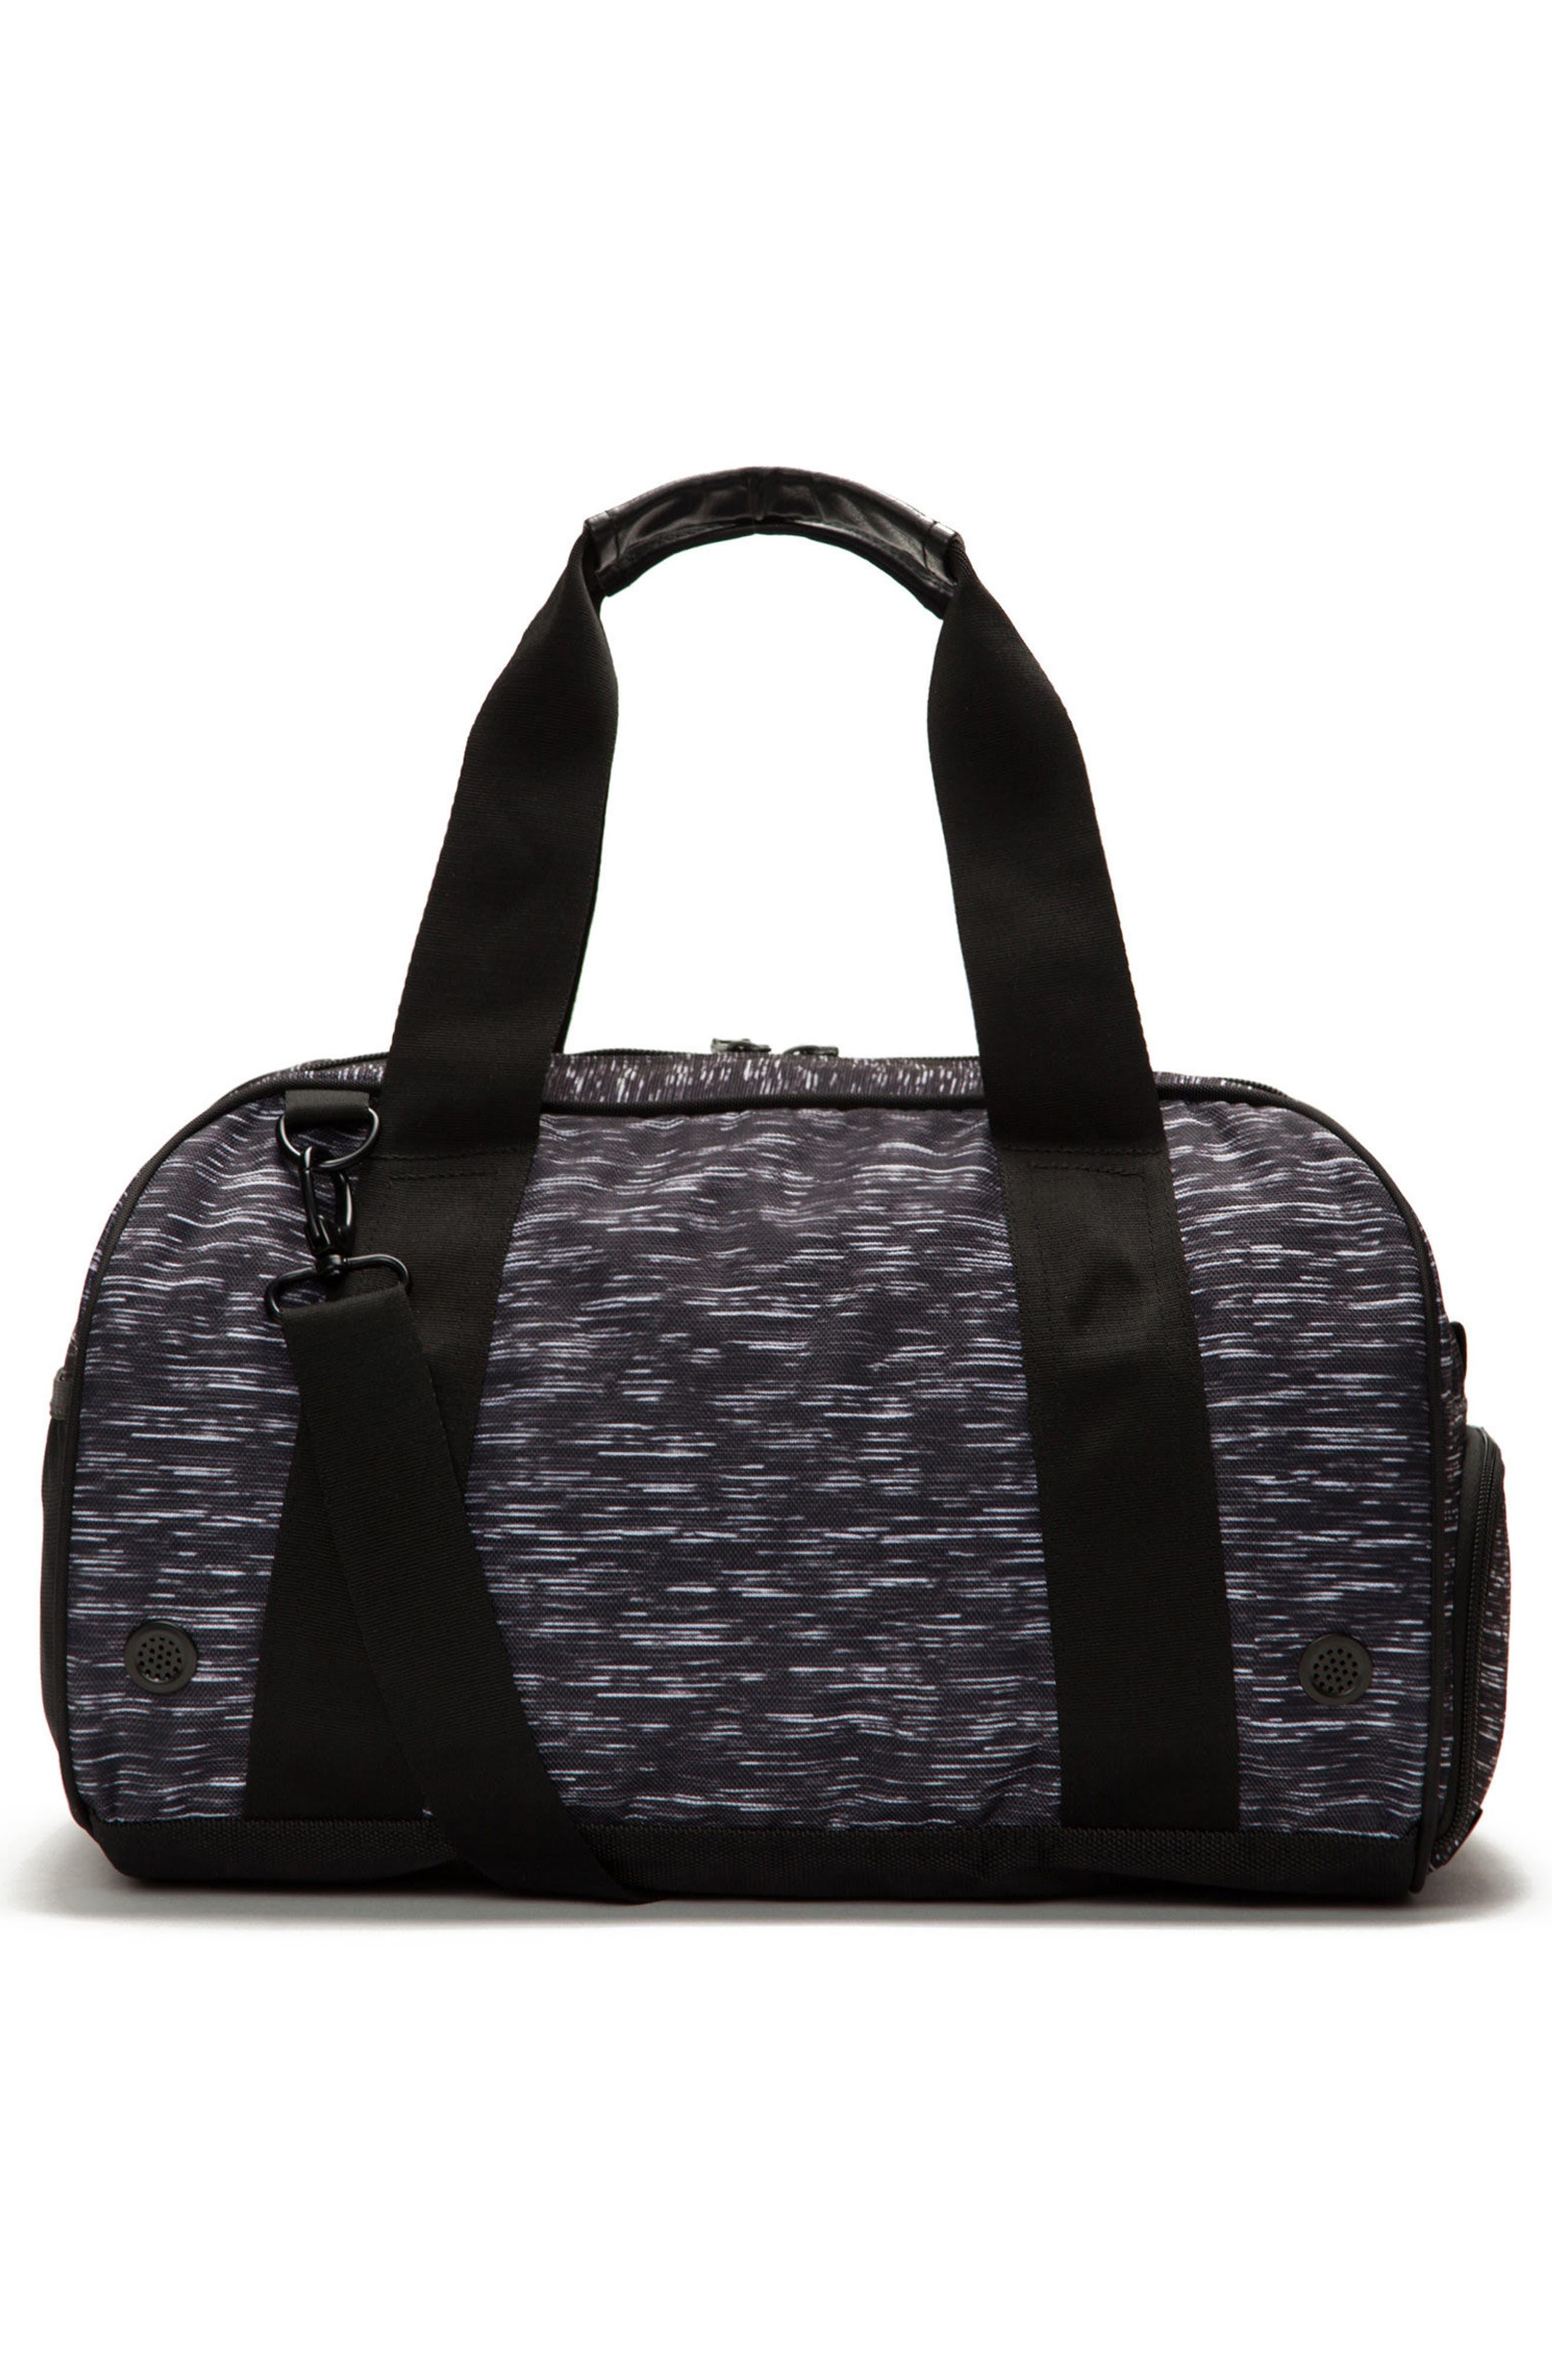 Burner Gym Bag,                             Alternate thumbnail 2, color,                             ATHLETIC BLACK